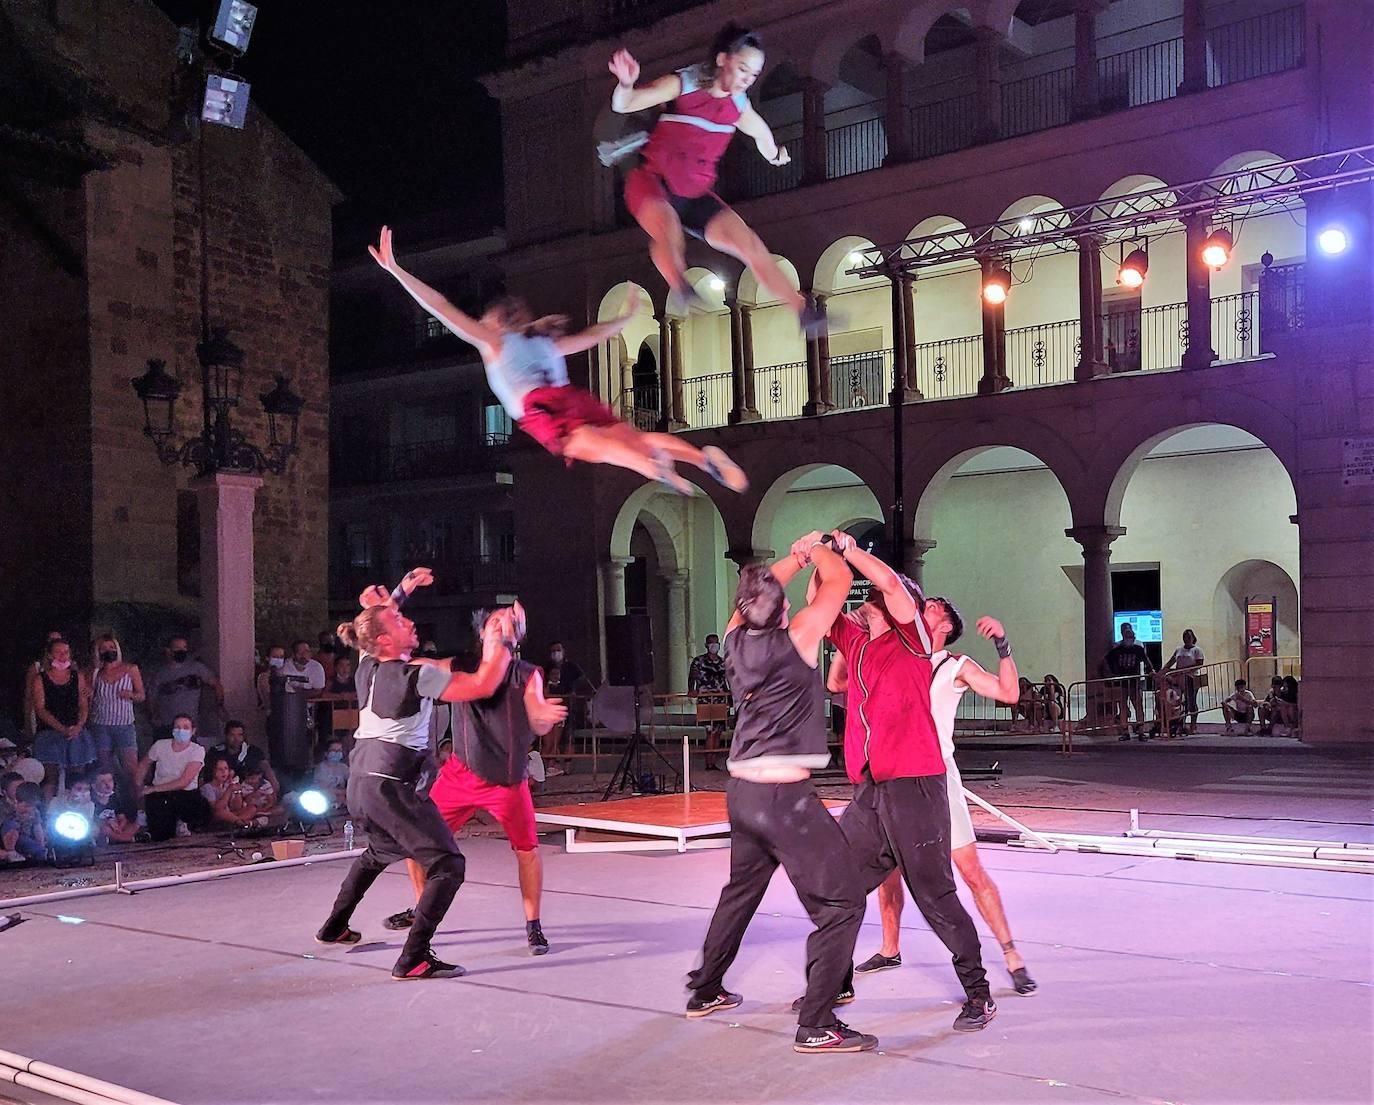 Un condensado Festival de Circo Contemporáneo volvió a causar admiración entre la ciudadanía